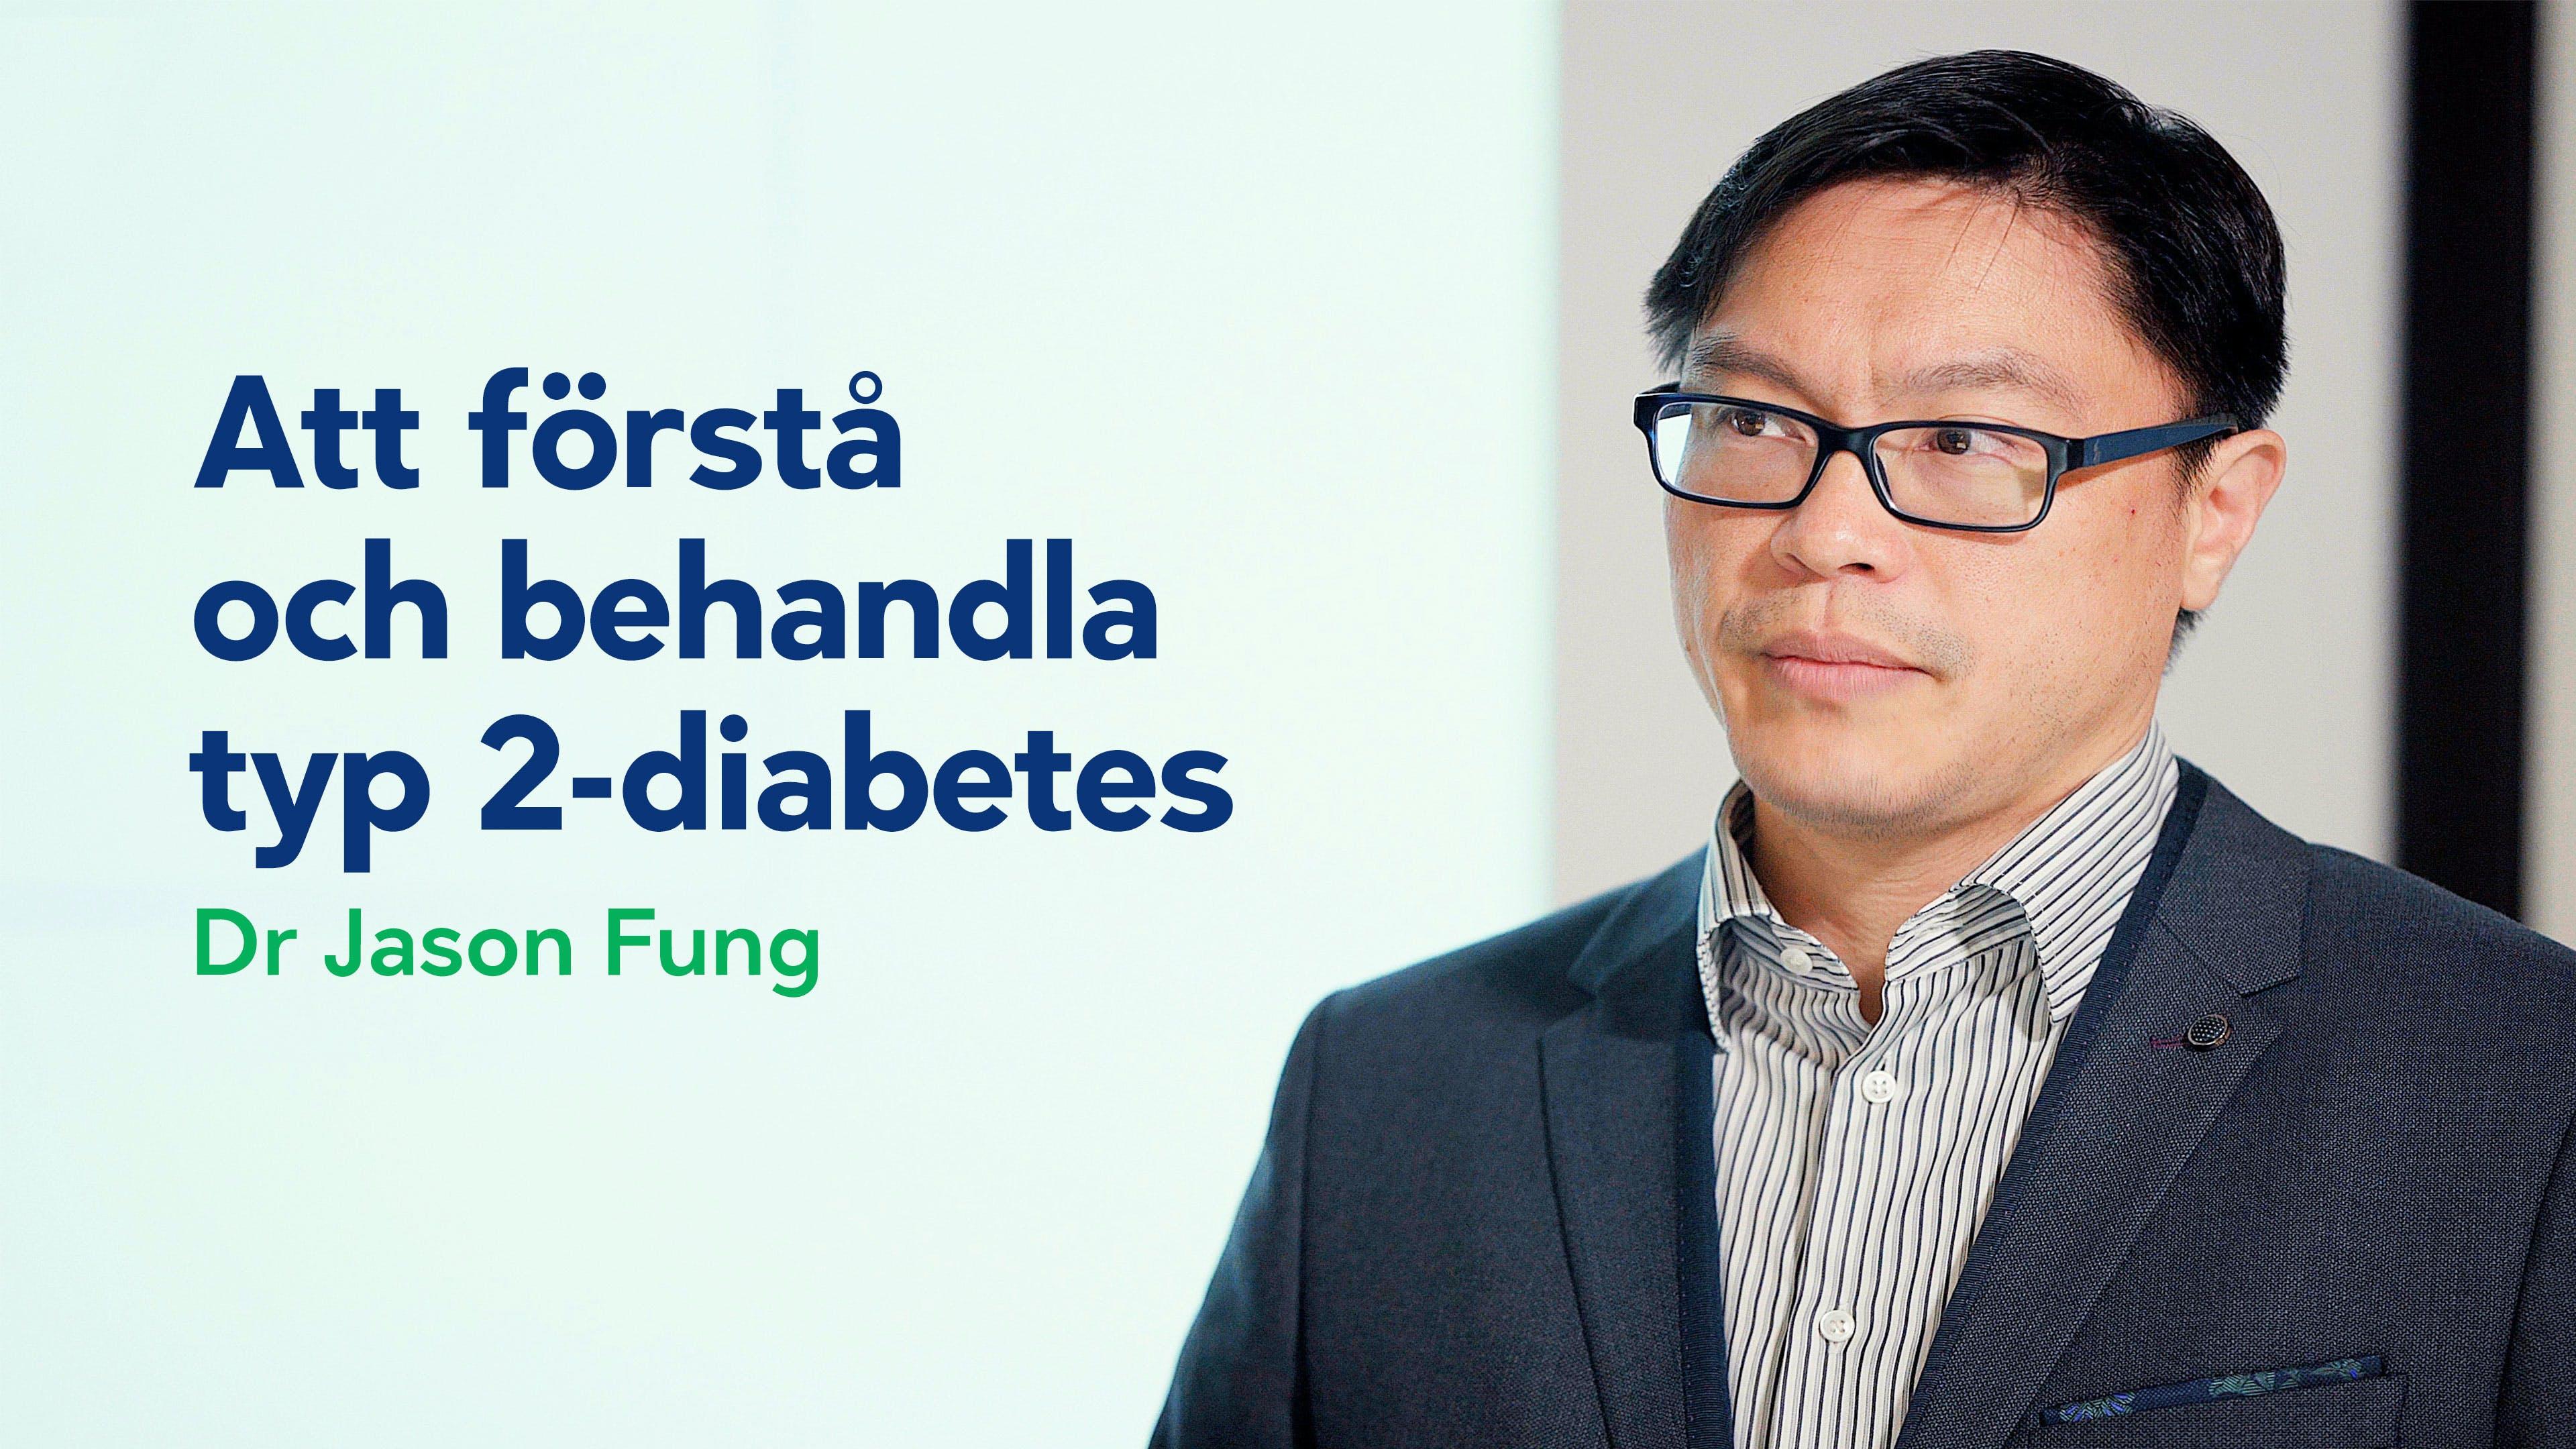 Att förstå och behandla typ-2 diabetes